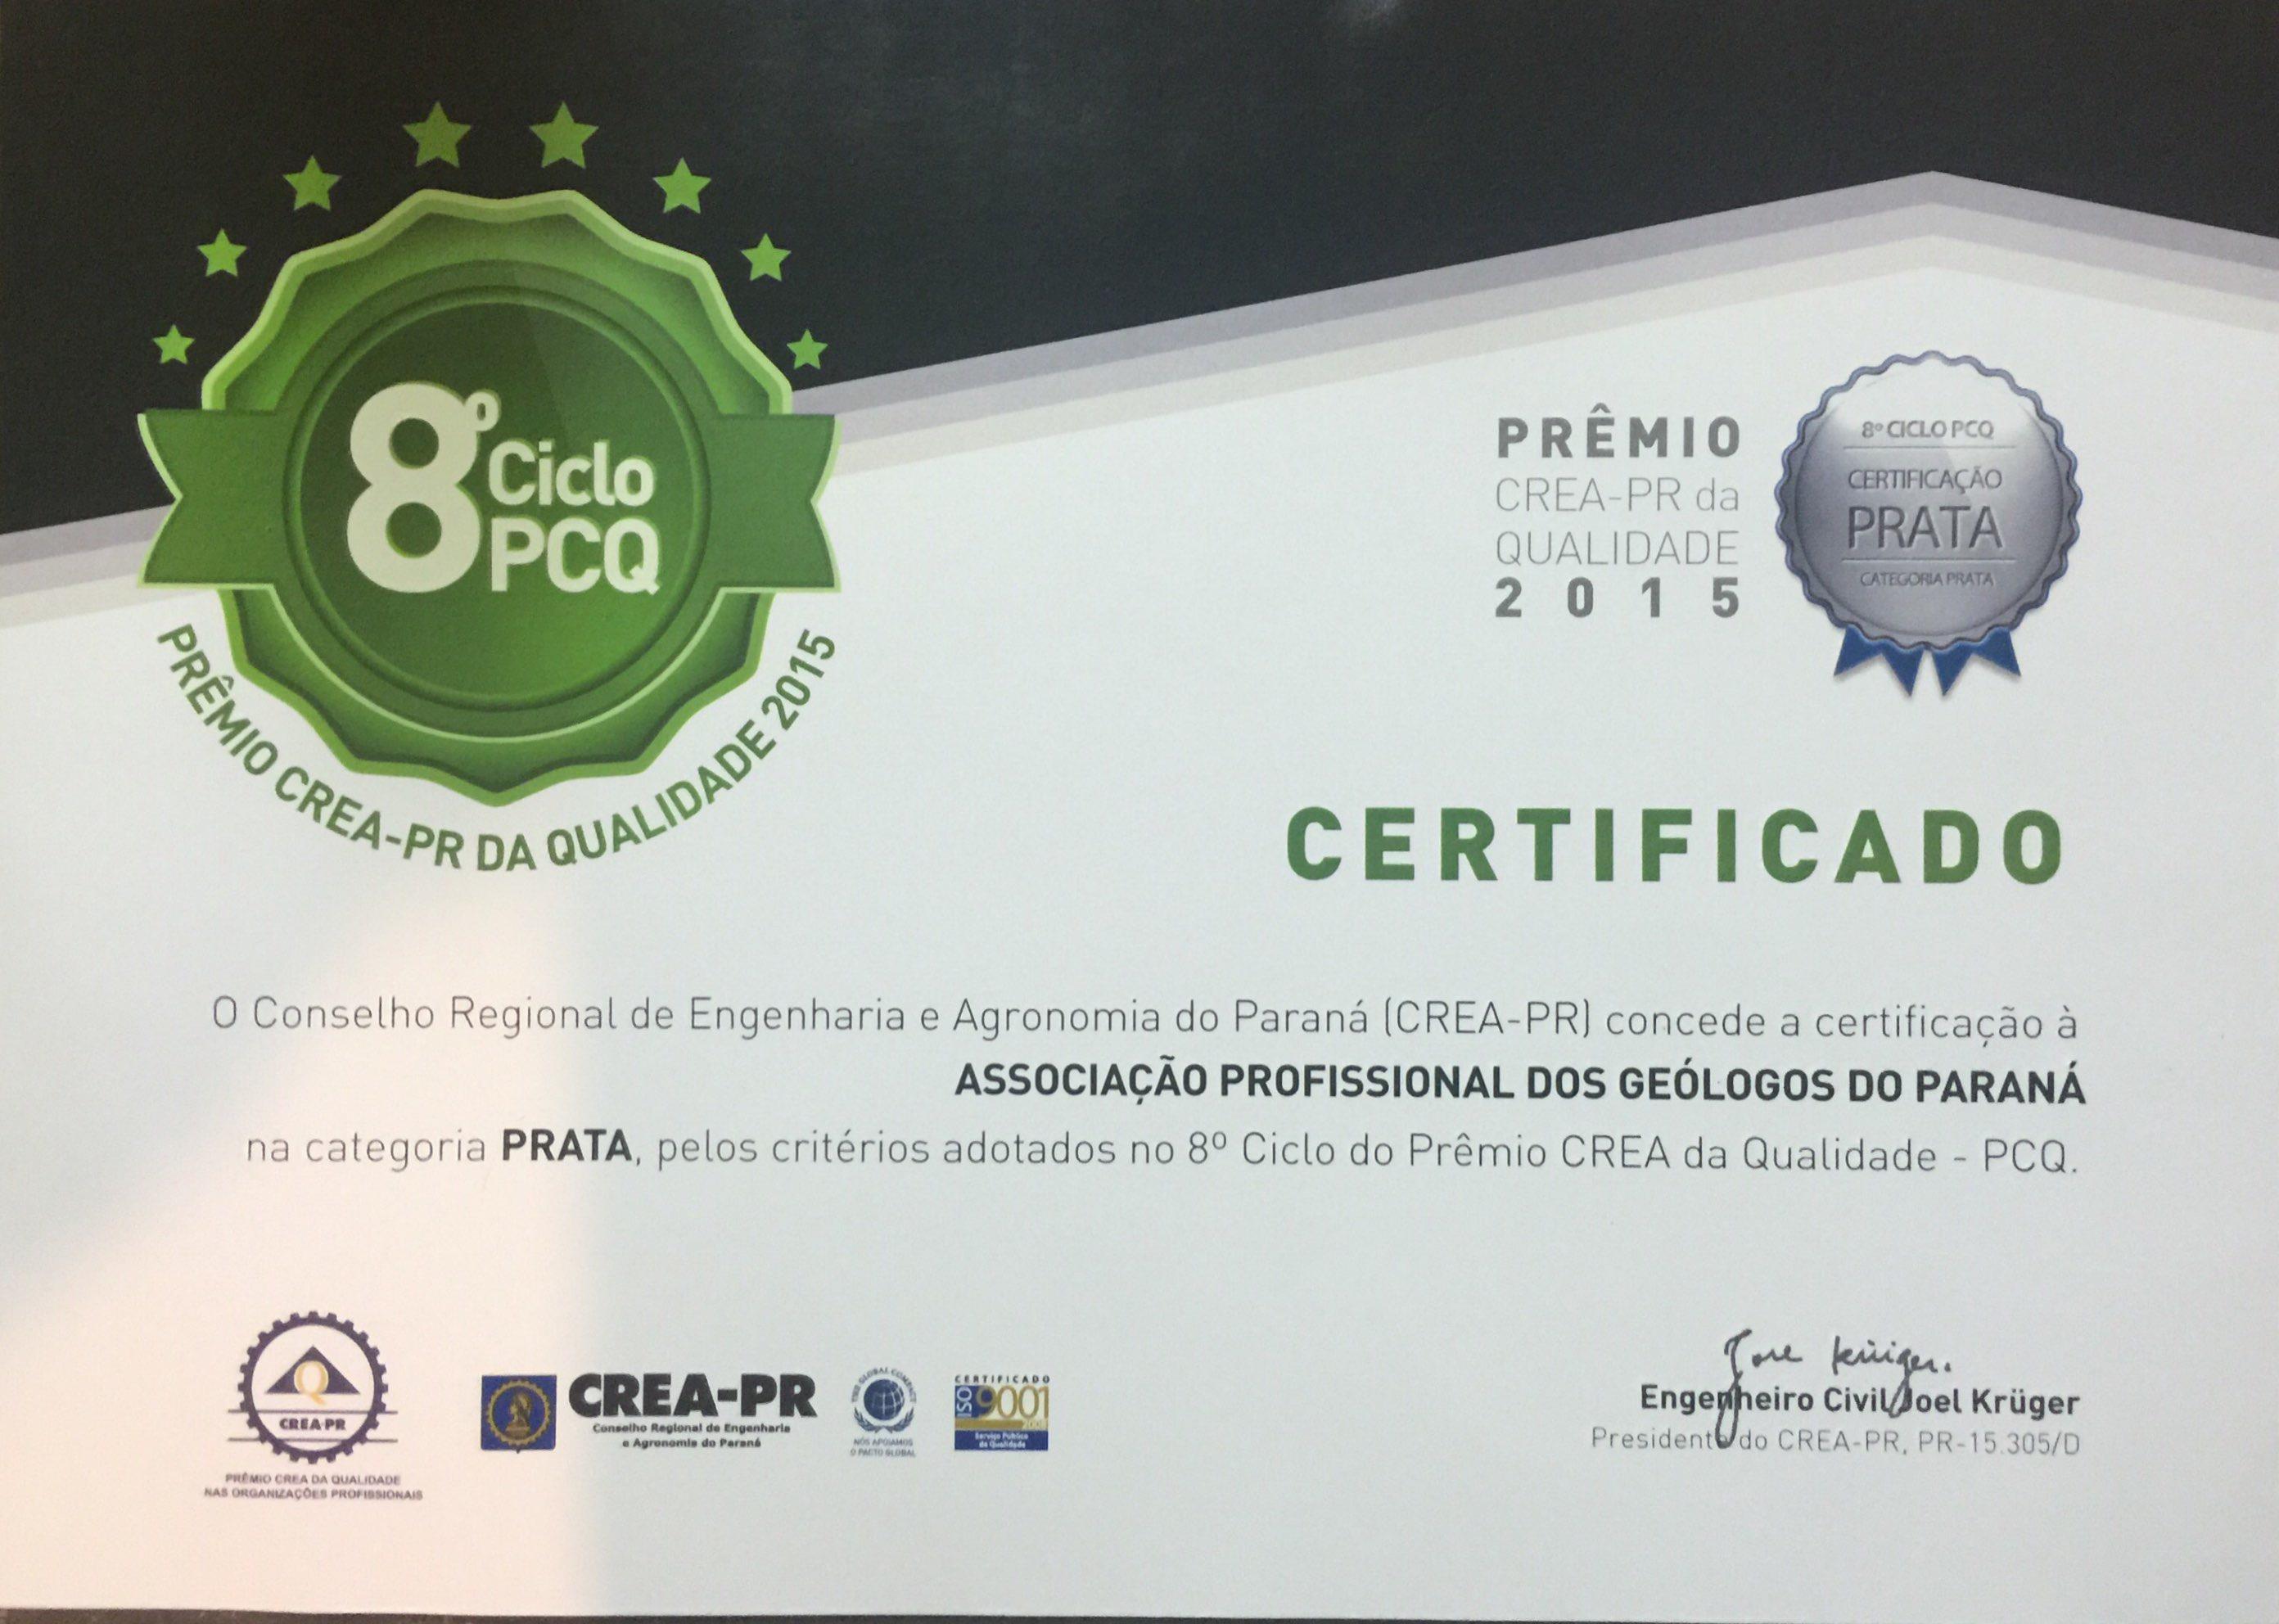 Certificado Prata - 2015